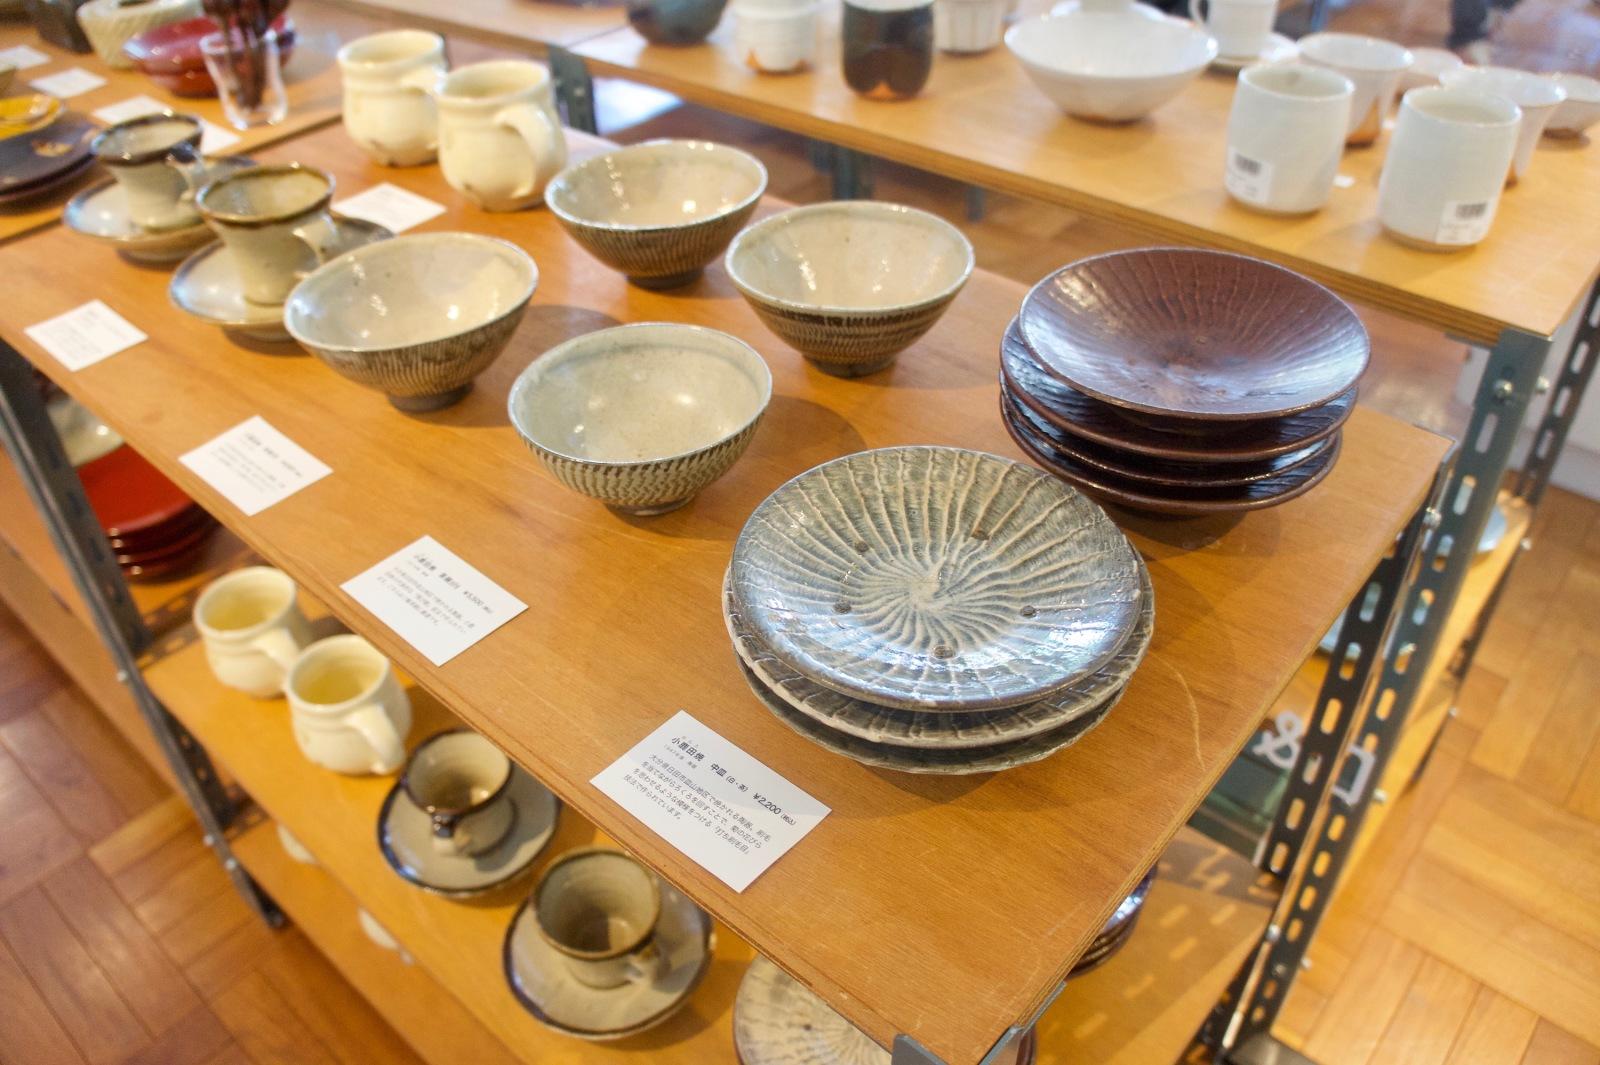 安川ゆかりの民藝コレクションの展示販売